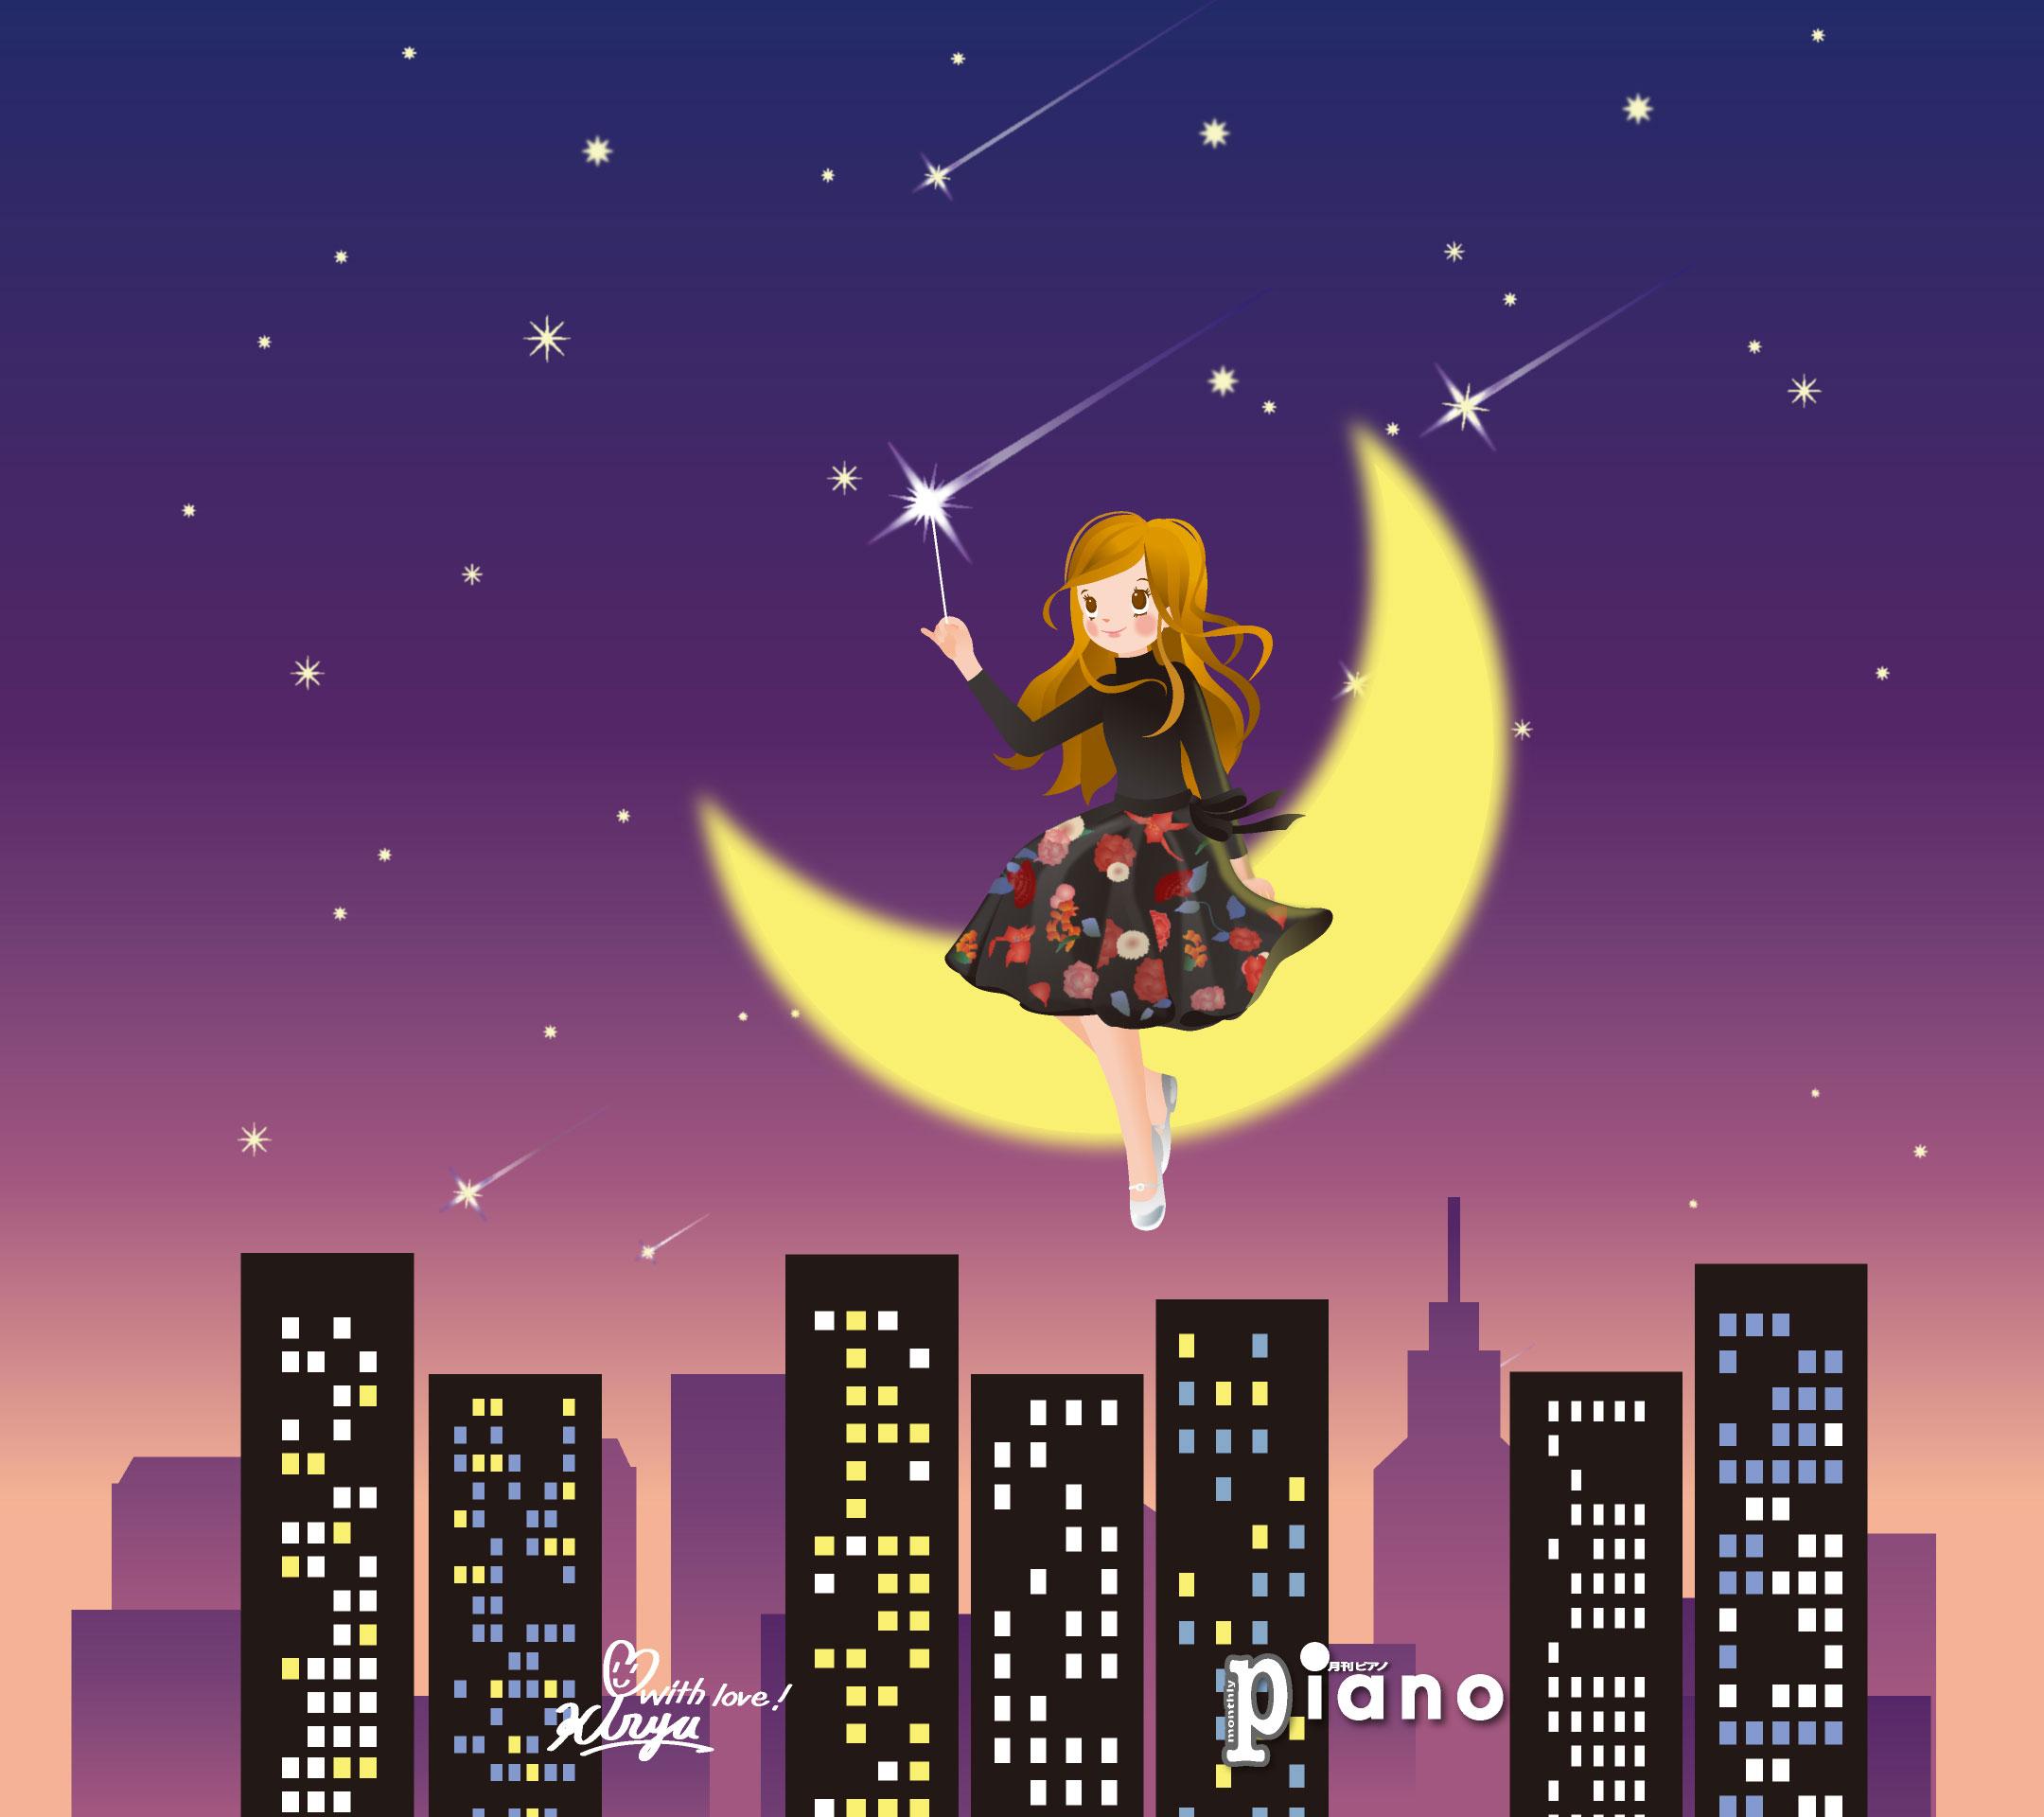 月刊piano 雑誌 ヤマハミュージックエンタテインメントホールディングス 楽譜 書籍 雑誌 音楽ソフト 通販